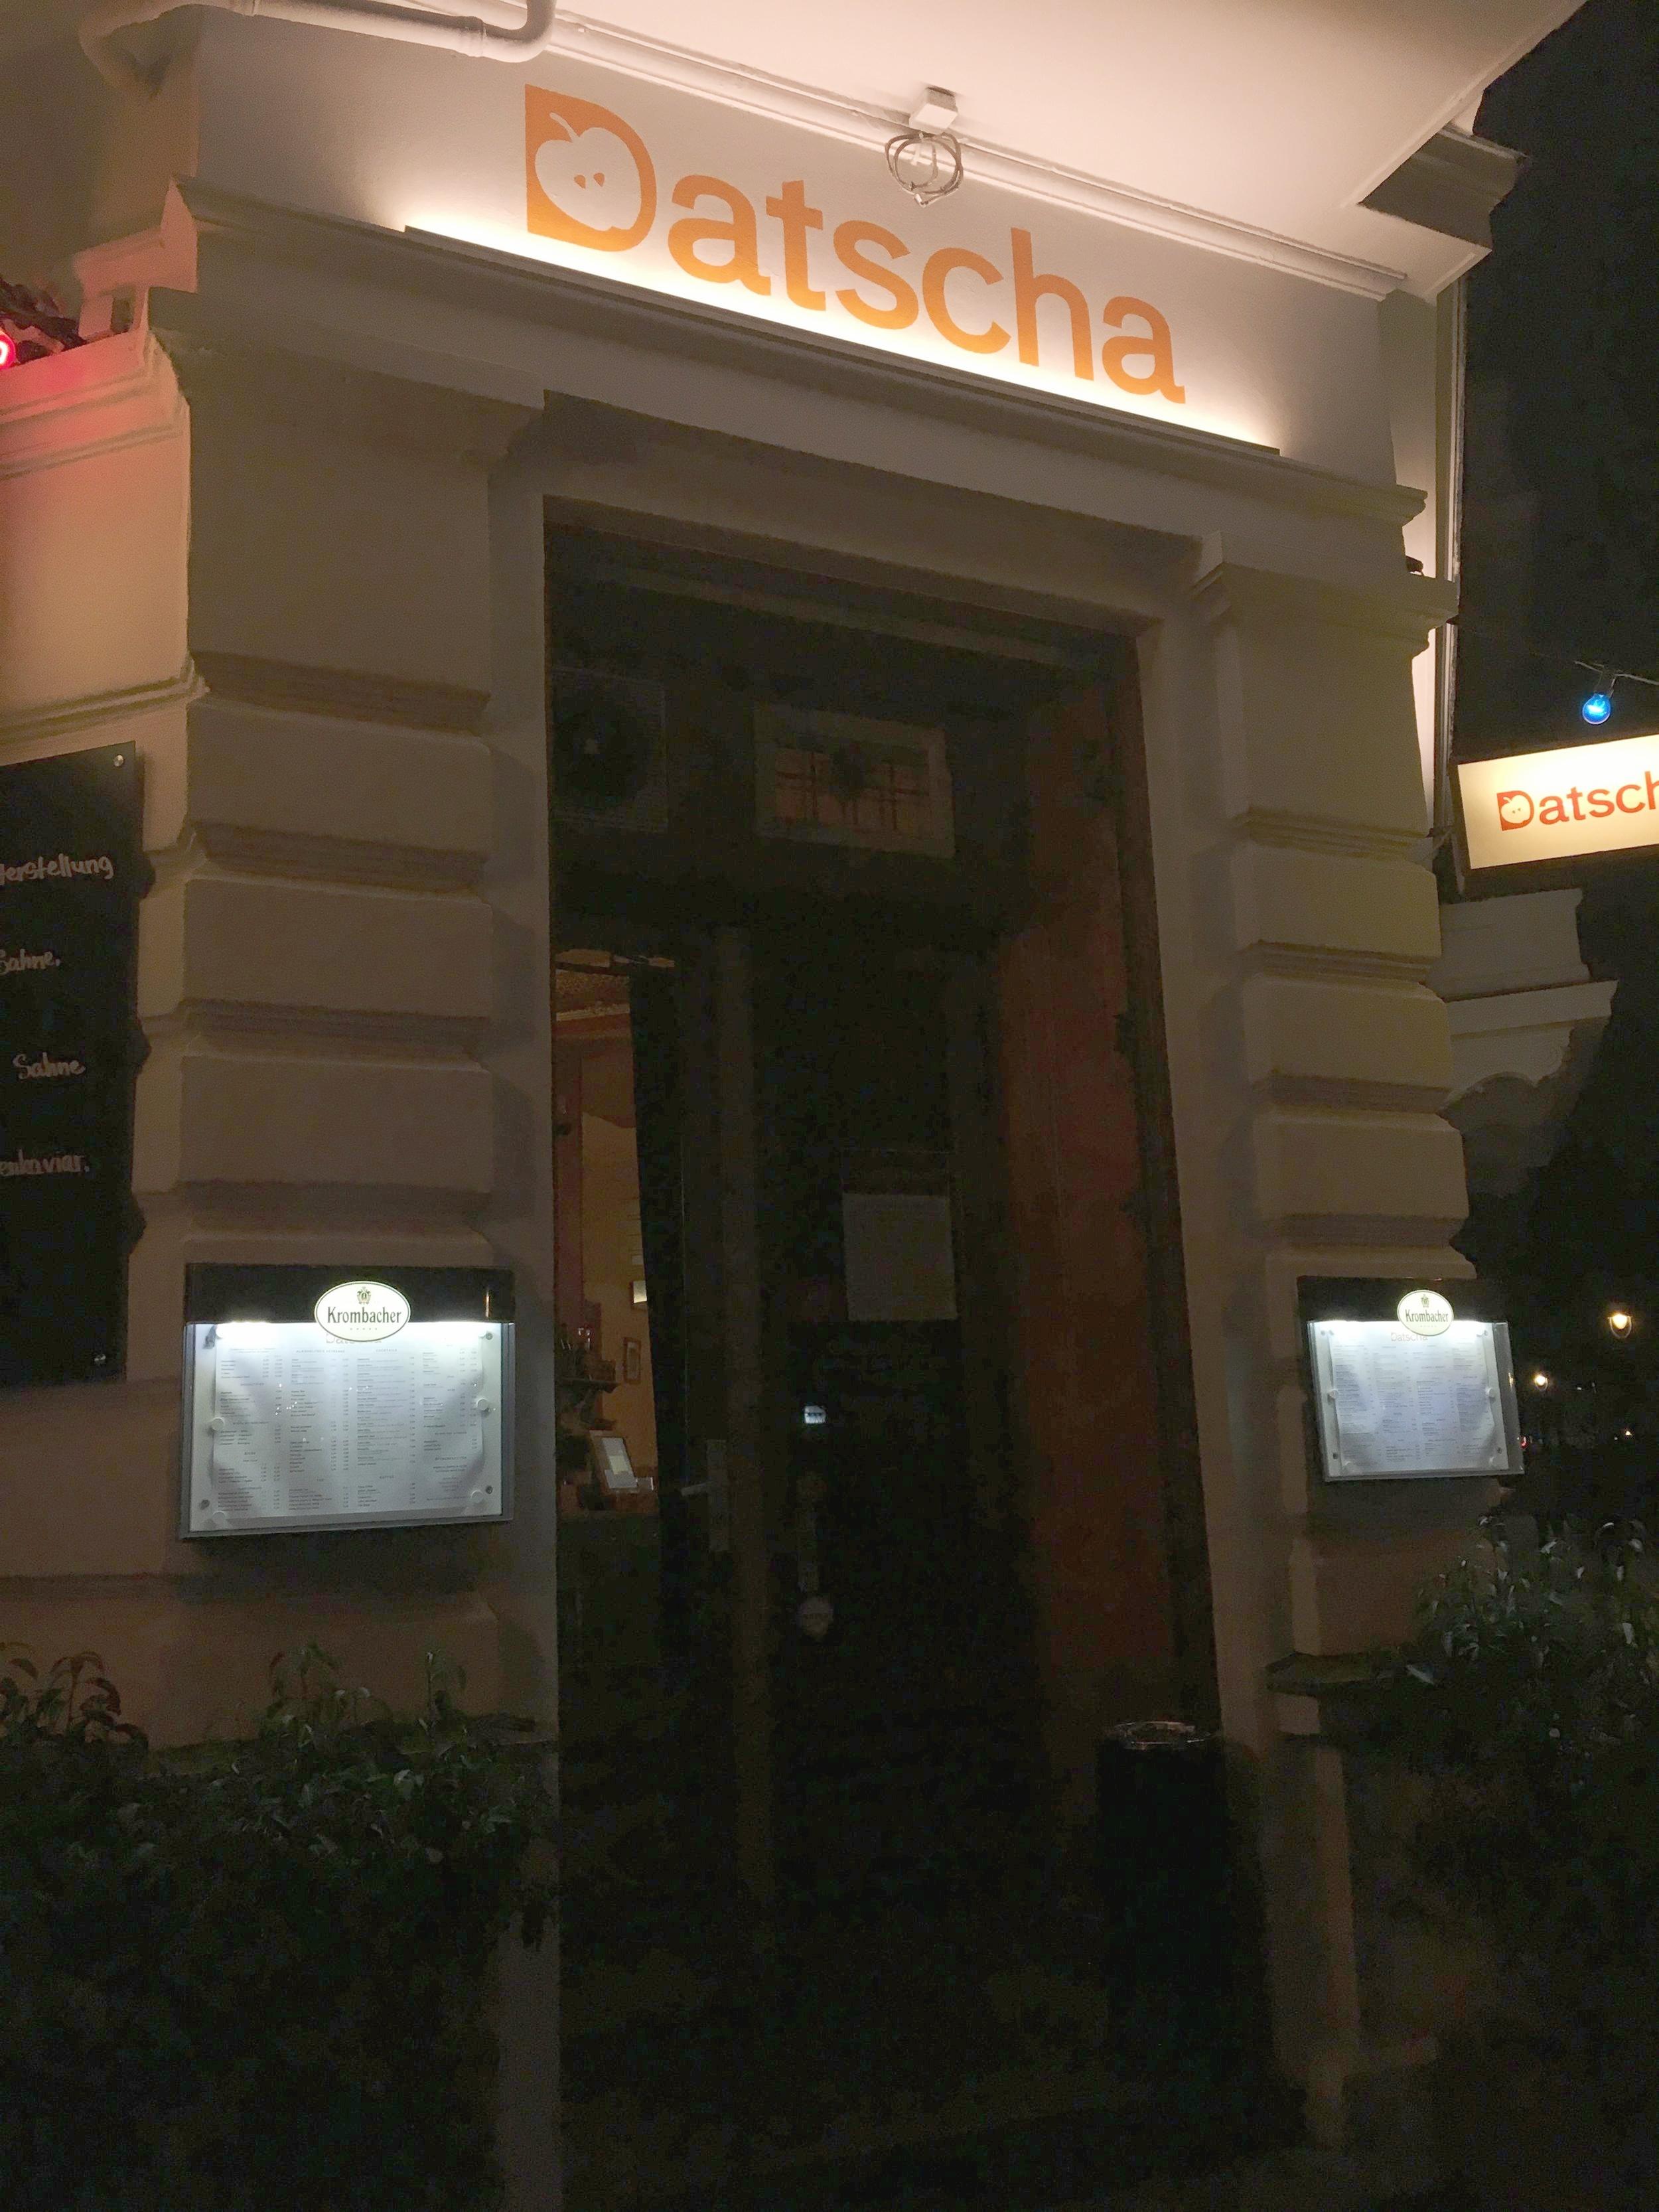 Datschka-1.jpeg